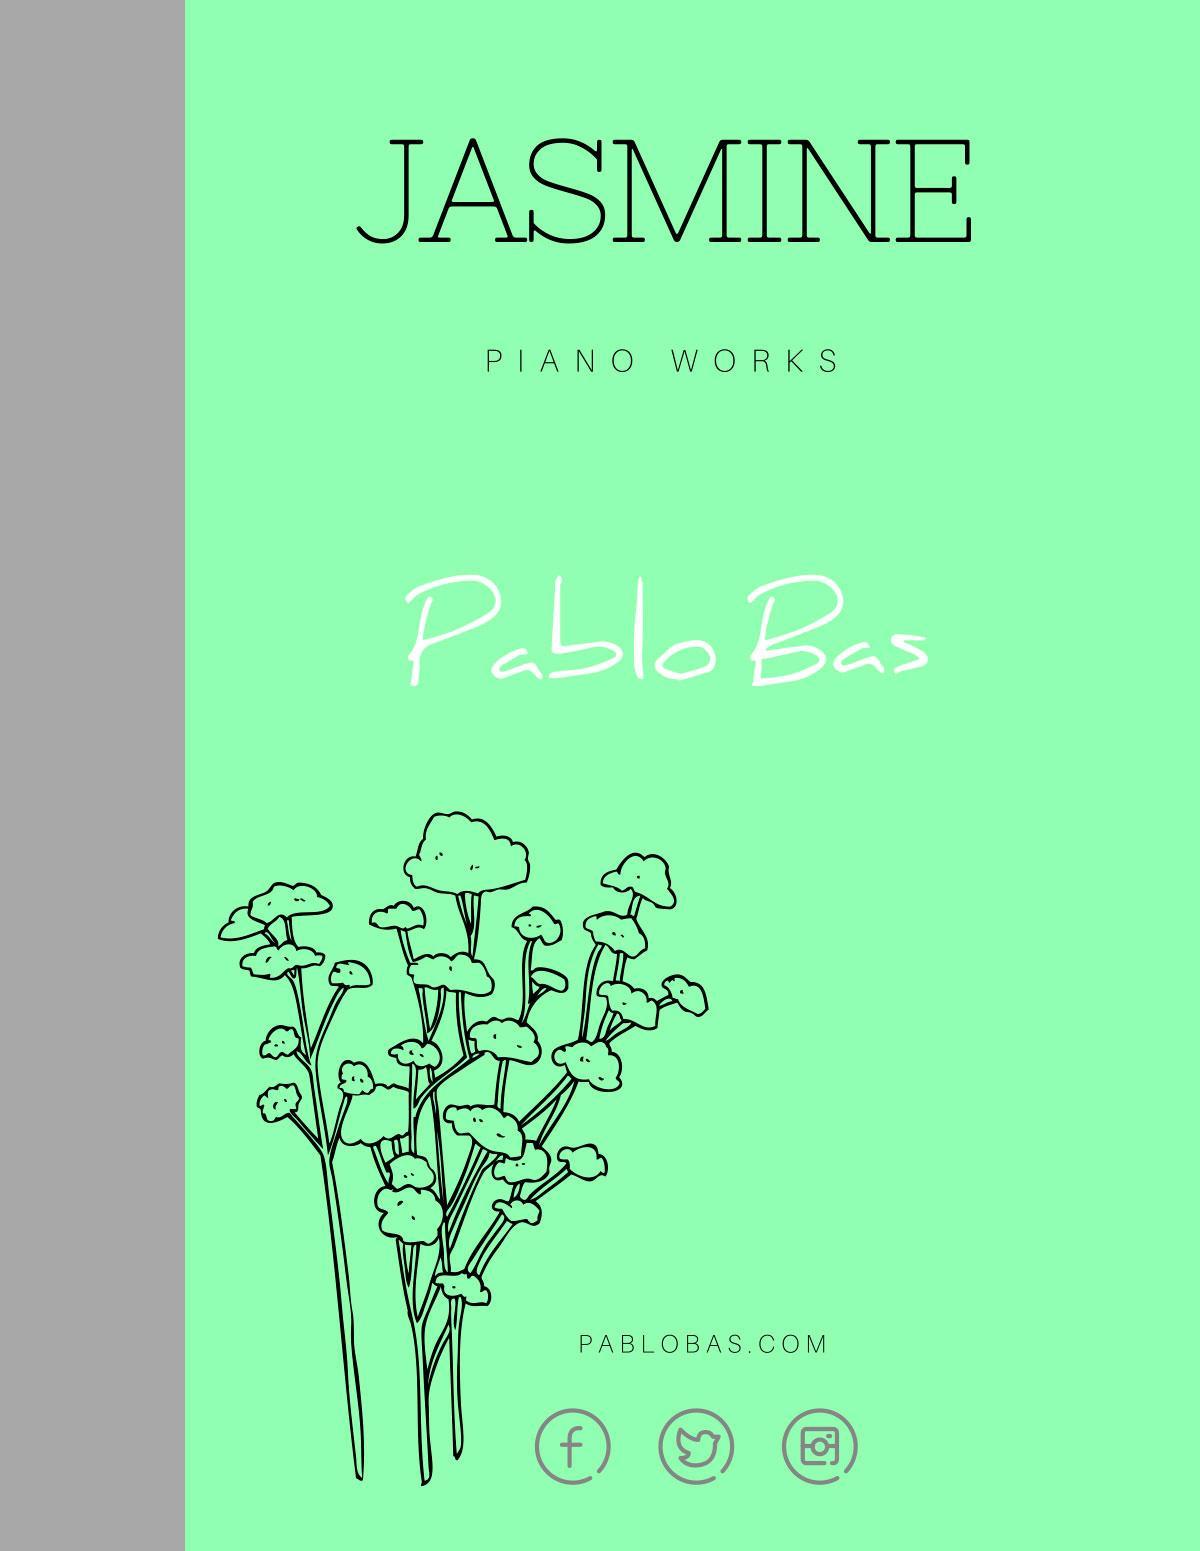 Jasmine pablo bas partitura piano